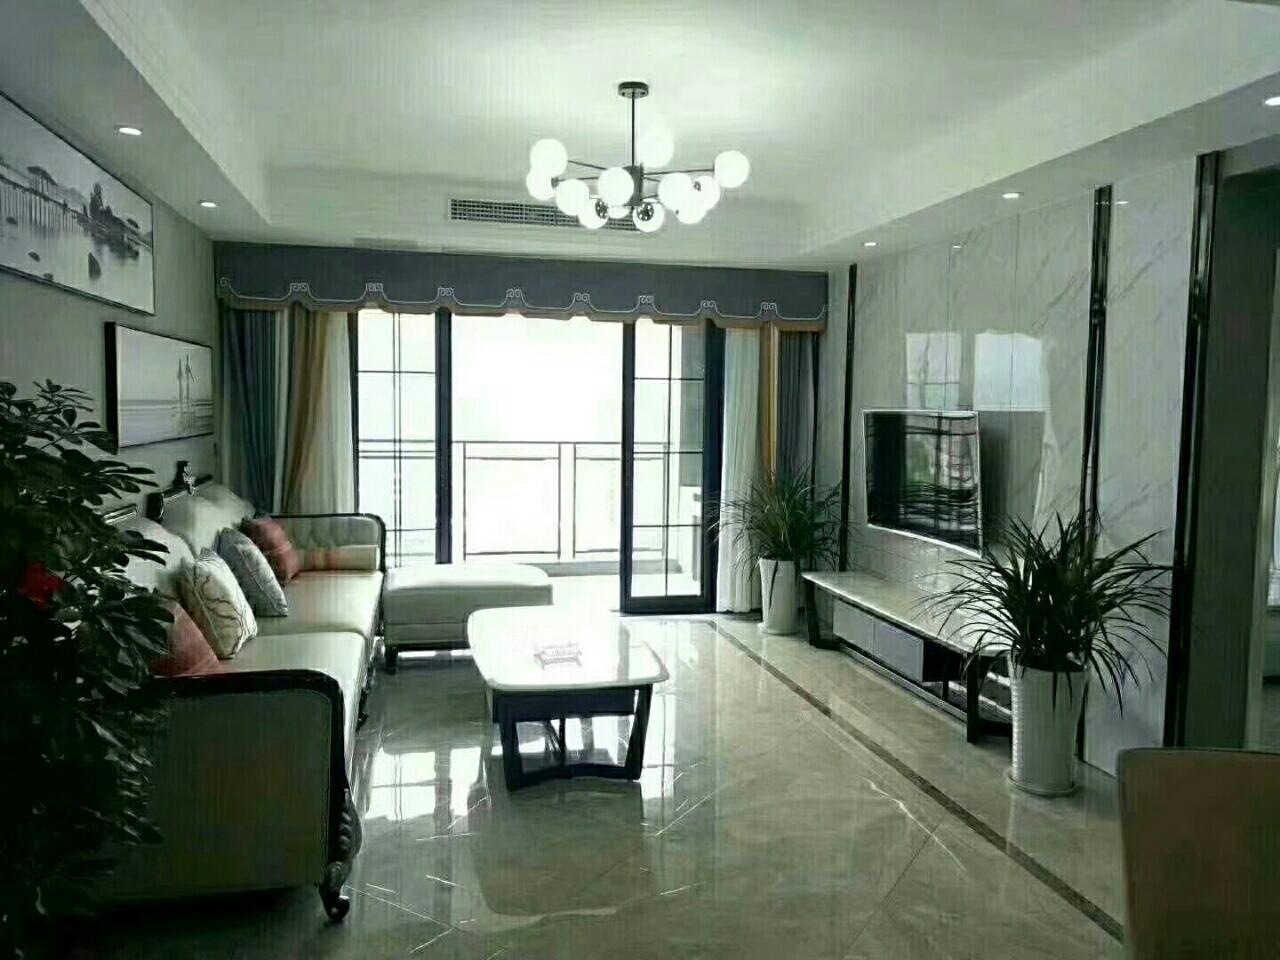 丽君现代城,豪华装修带家具家电出售3室 2厅 2卫116万元